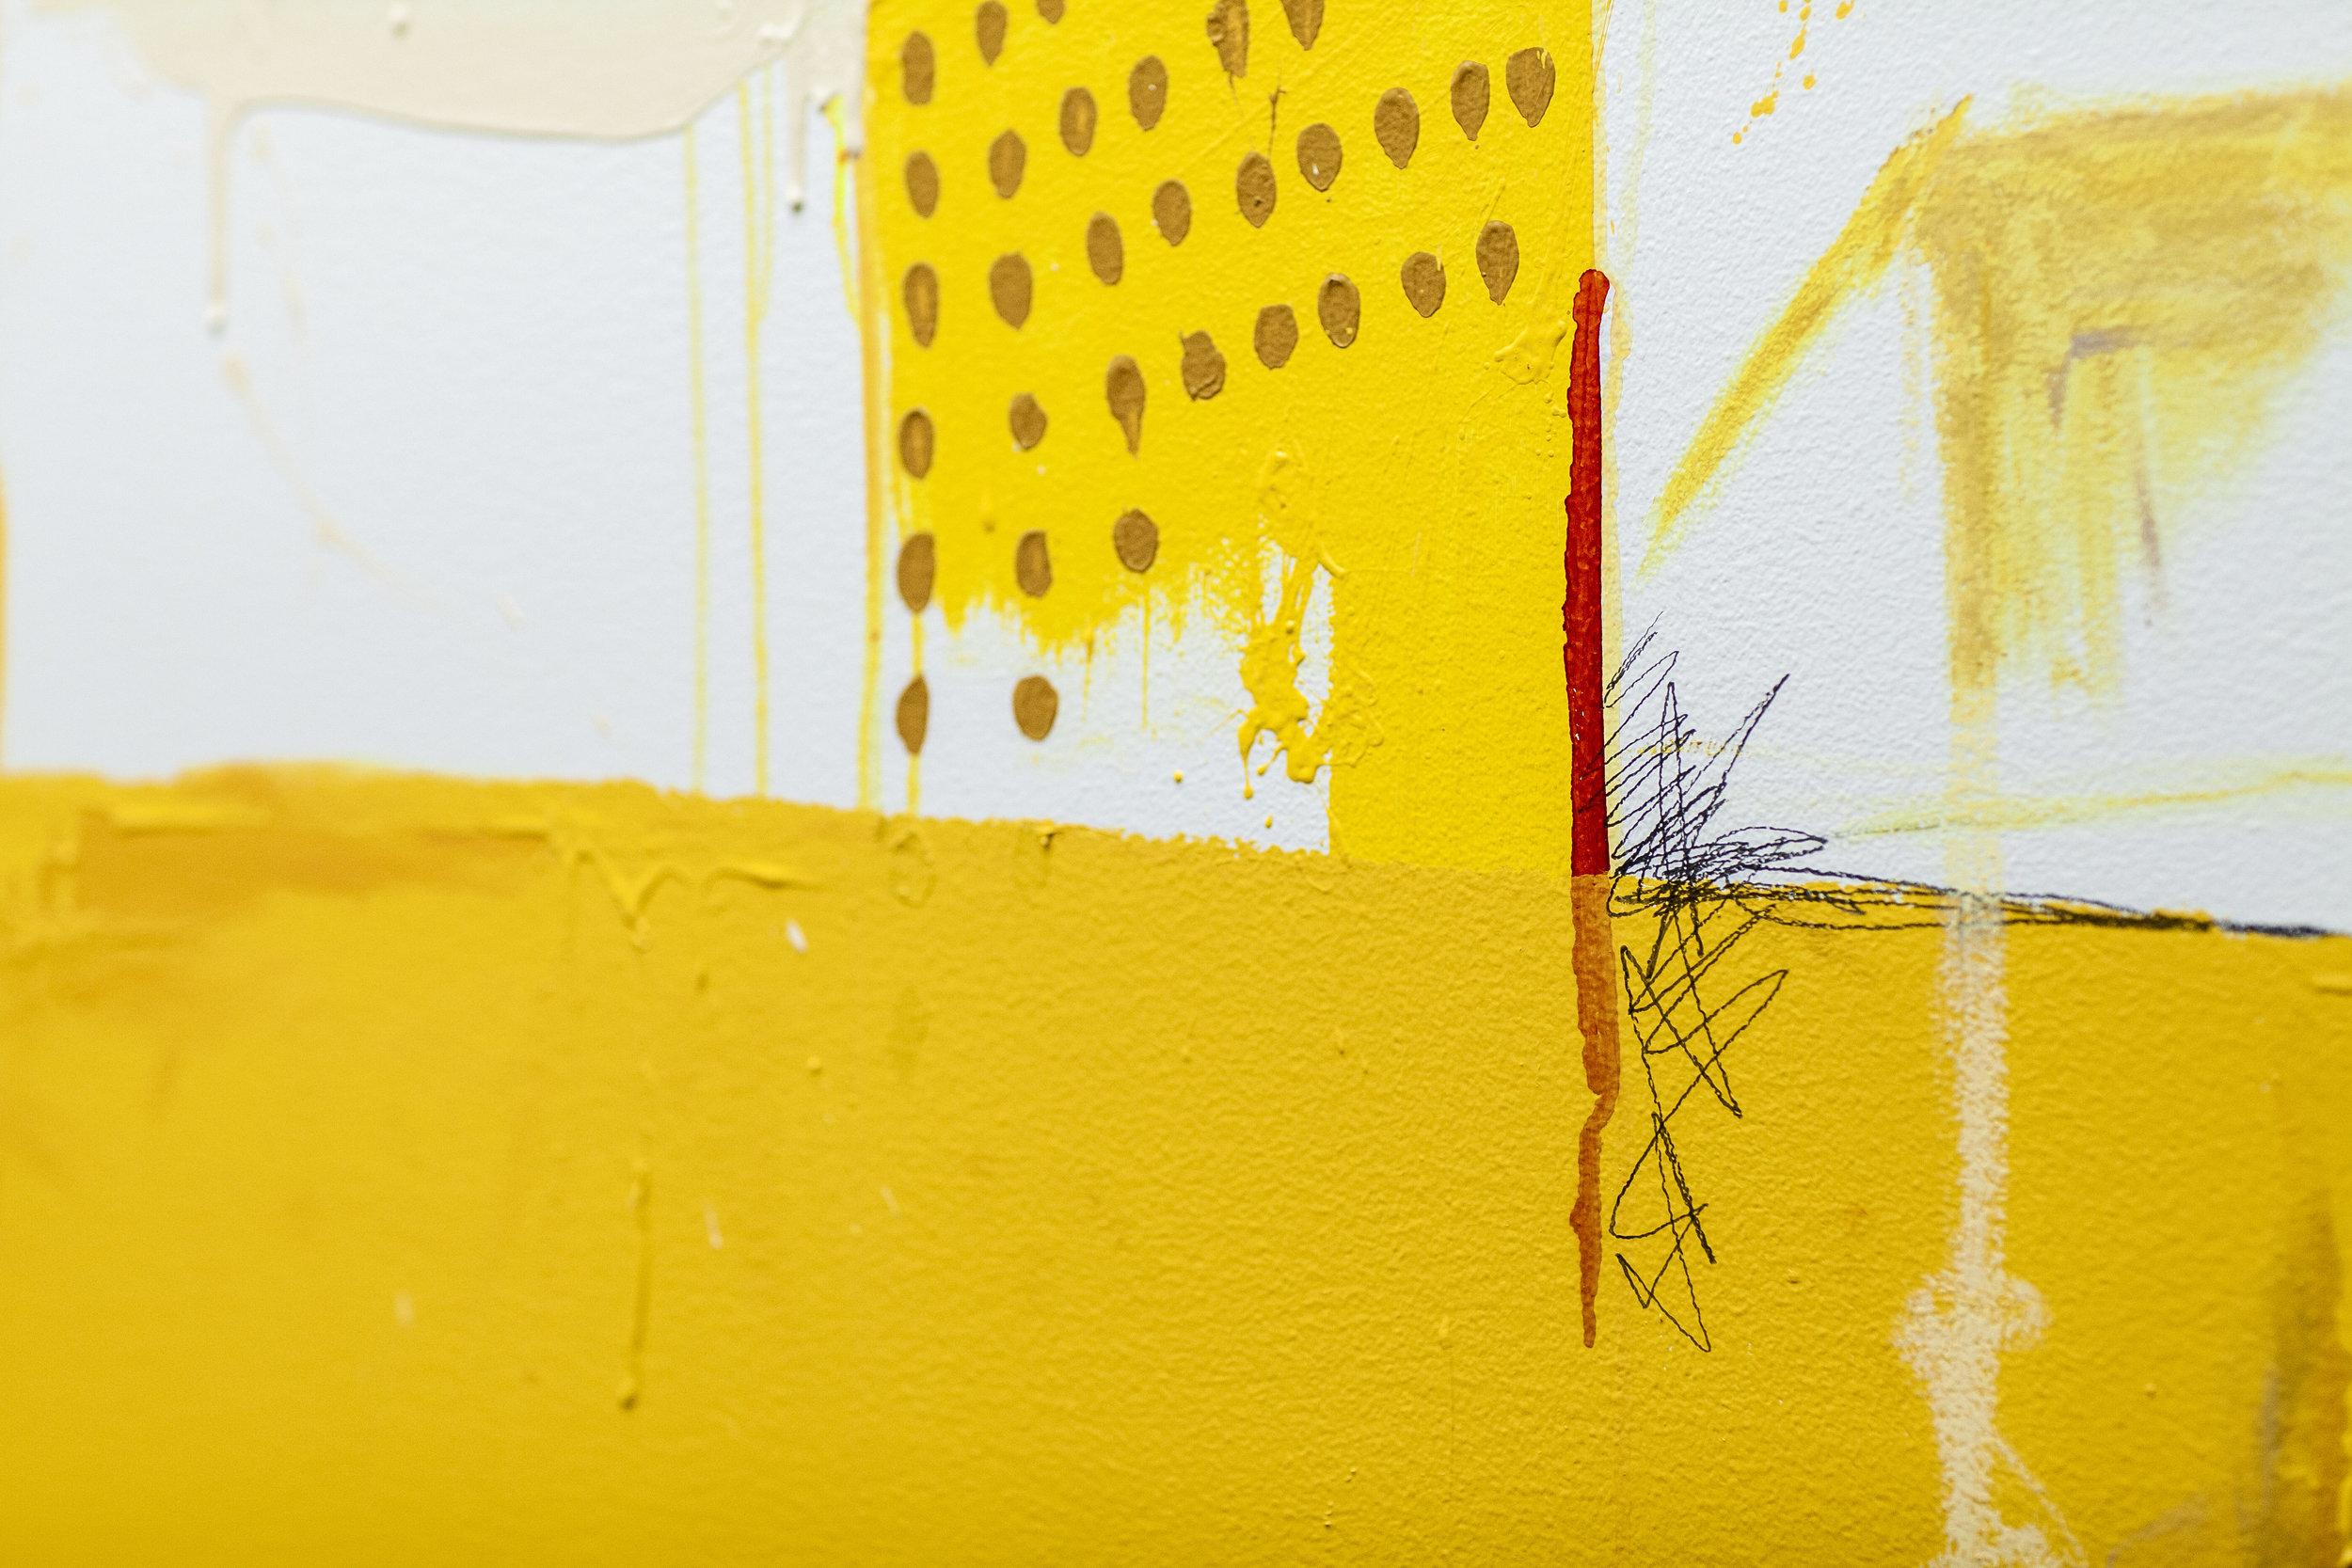 Detalj:akrylmaling, sprittusjrefill, blyant og fettstift.